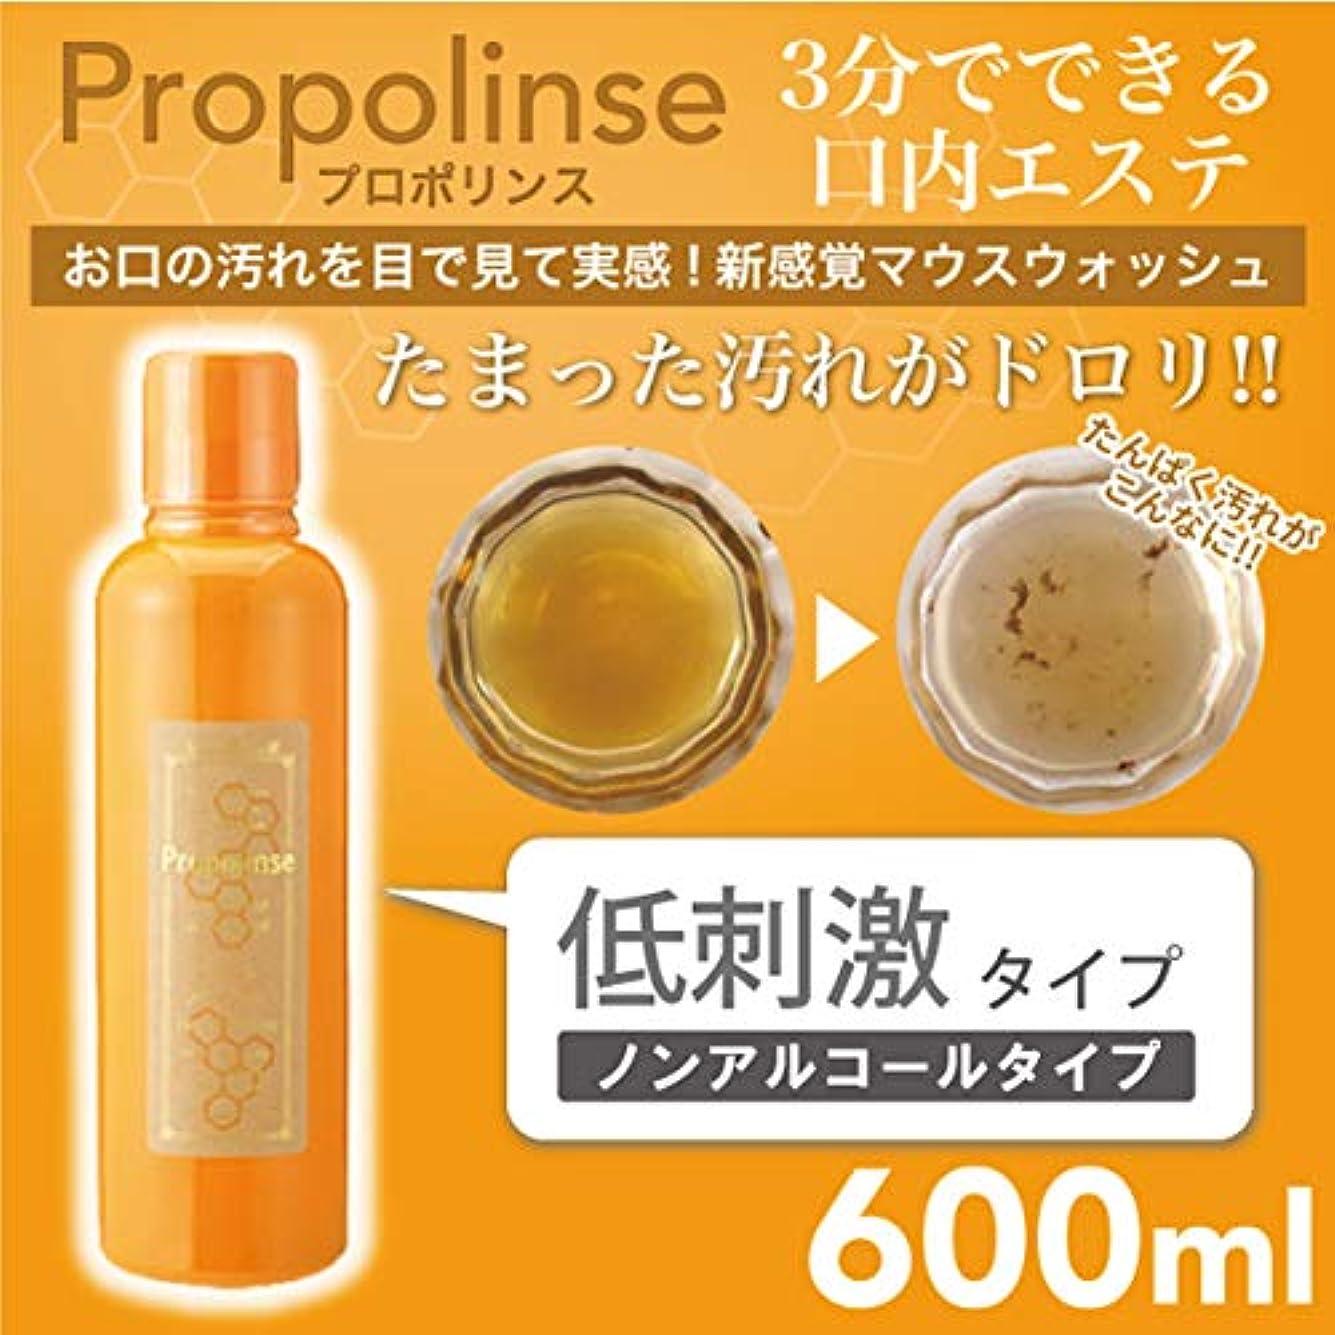 焼くコンドームによるとプロポリンス マウスウォッシュ ピュア (ノンアルコール低刺激) 600ml [30本セット] 口臭対策